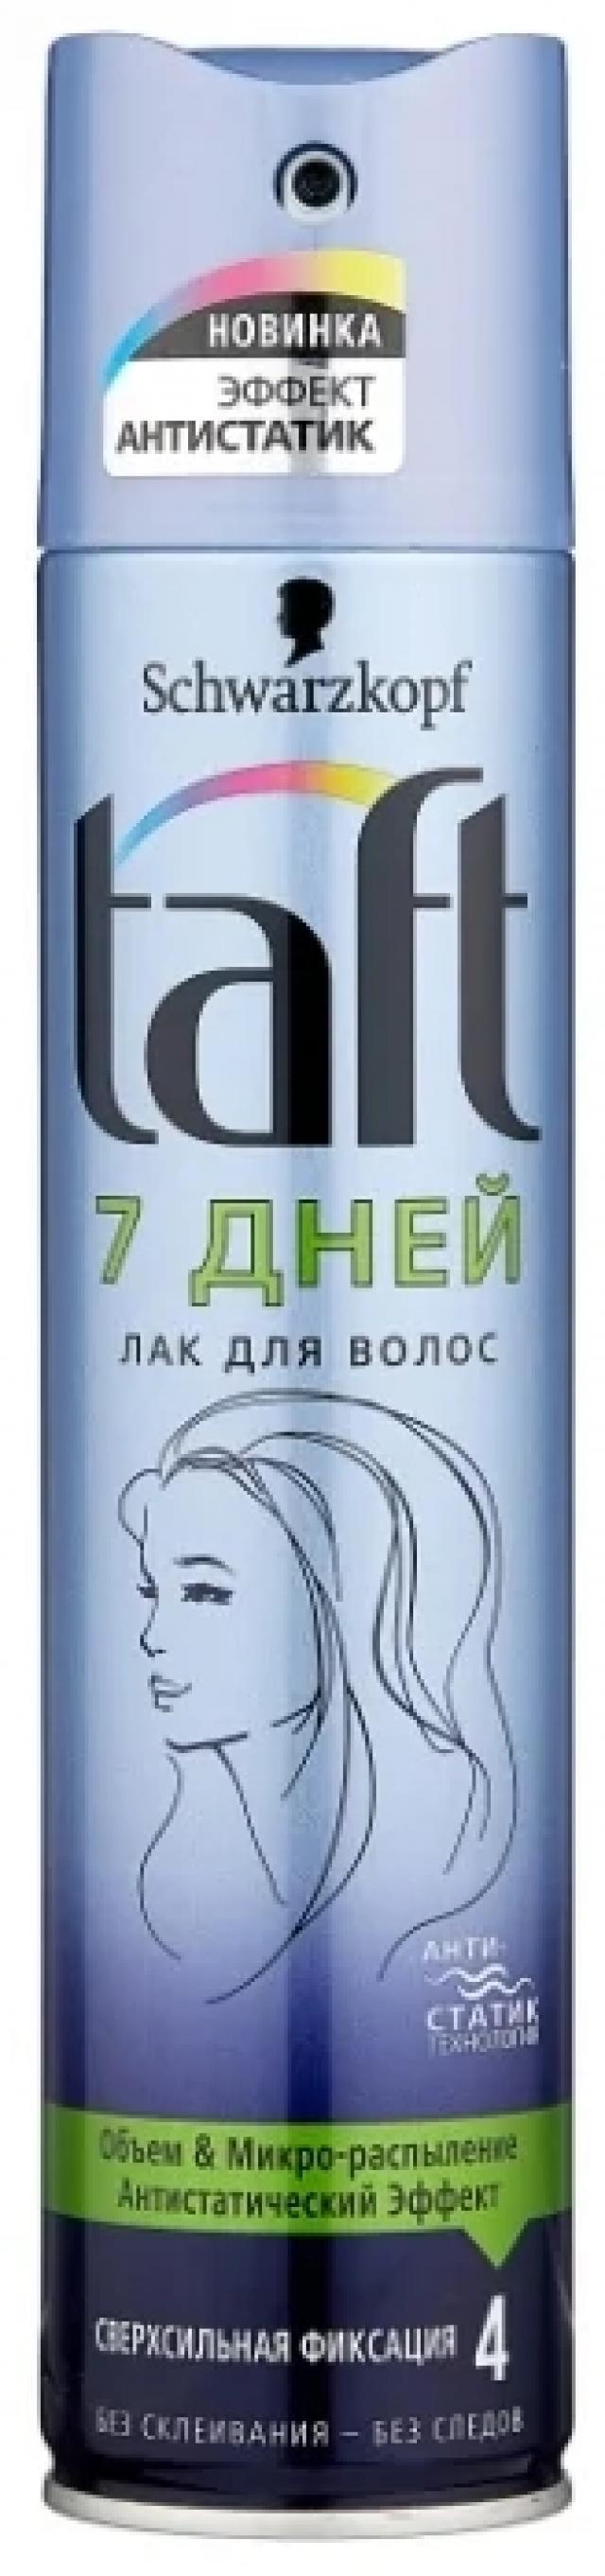 Тафт лак для волос Блеск Москвы 225мл купить в Москве по цене от 0 рублей